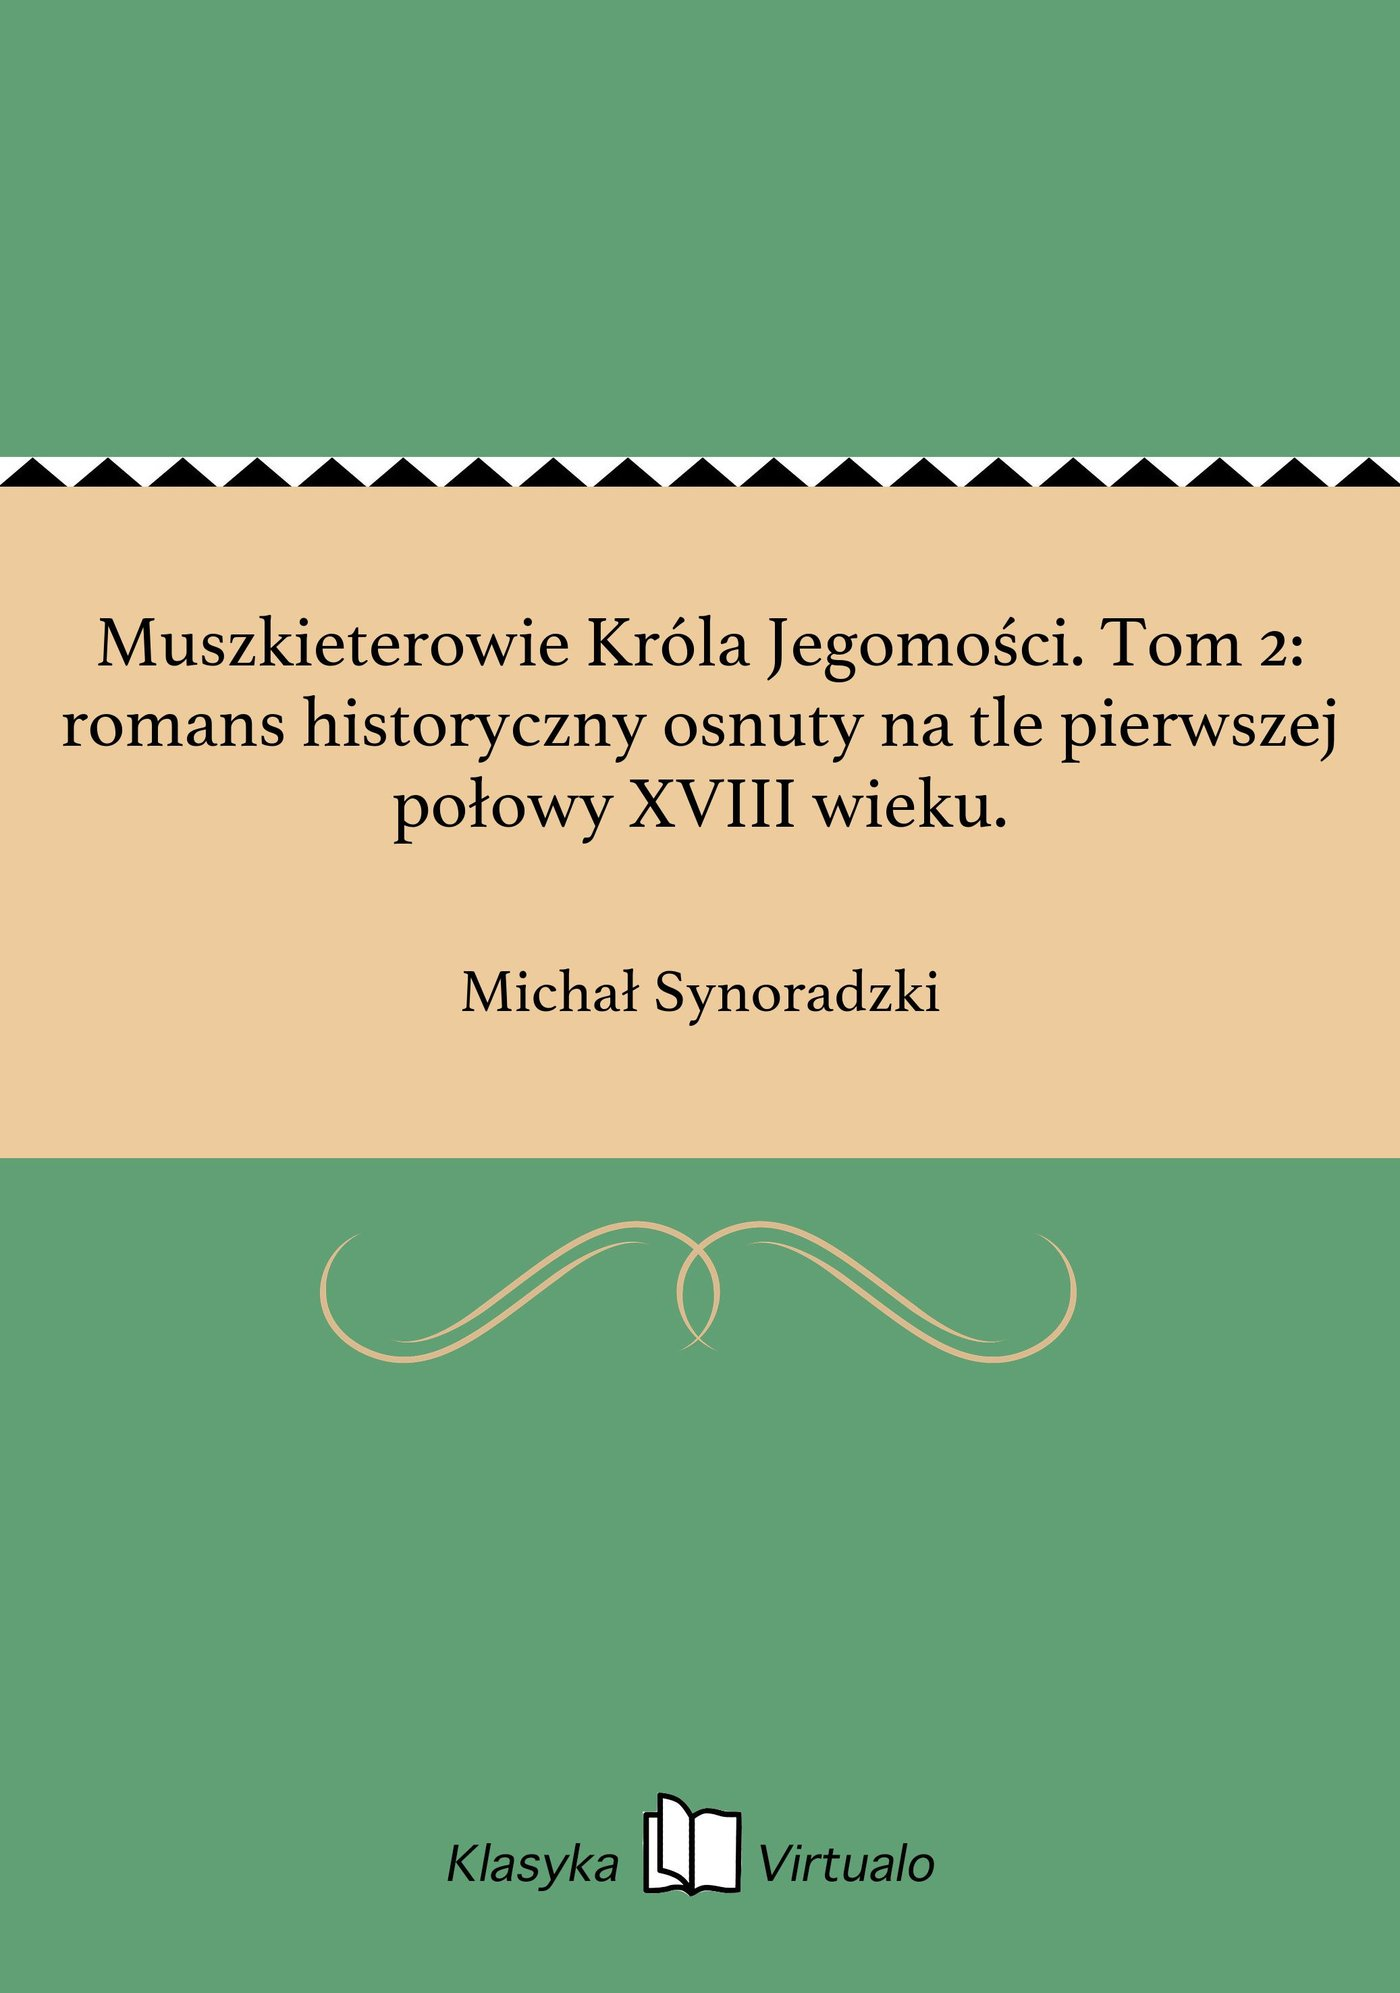 Muszkieterowie Króla Jegomości. Tom 2: romans historyczny osnuty na tle pierwszej połowy XVIII wieku. - Ebook (Książka na Kindle) do pobrania w formacie MOBI